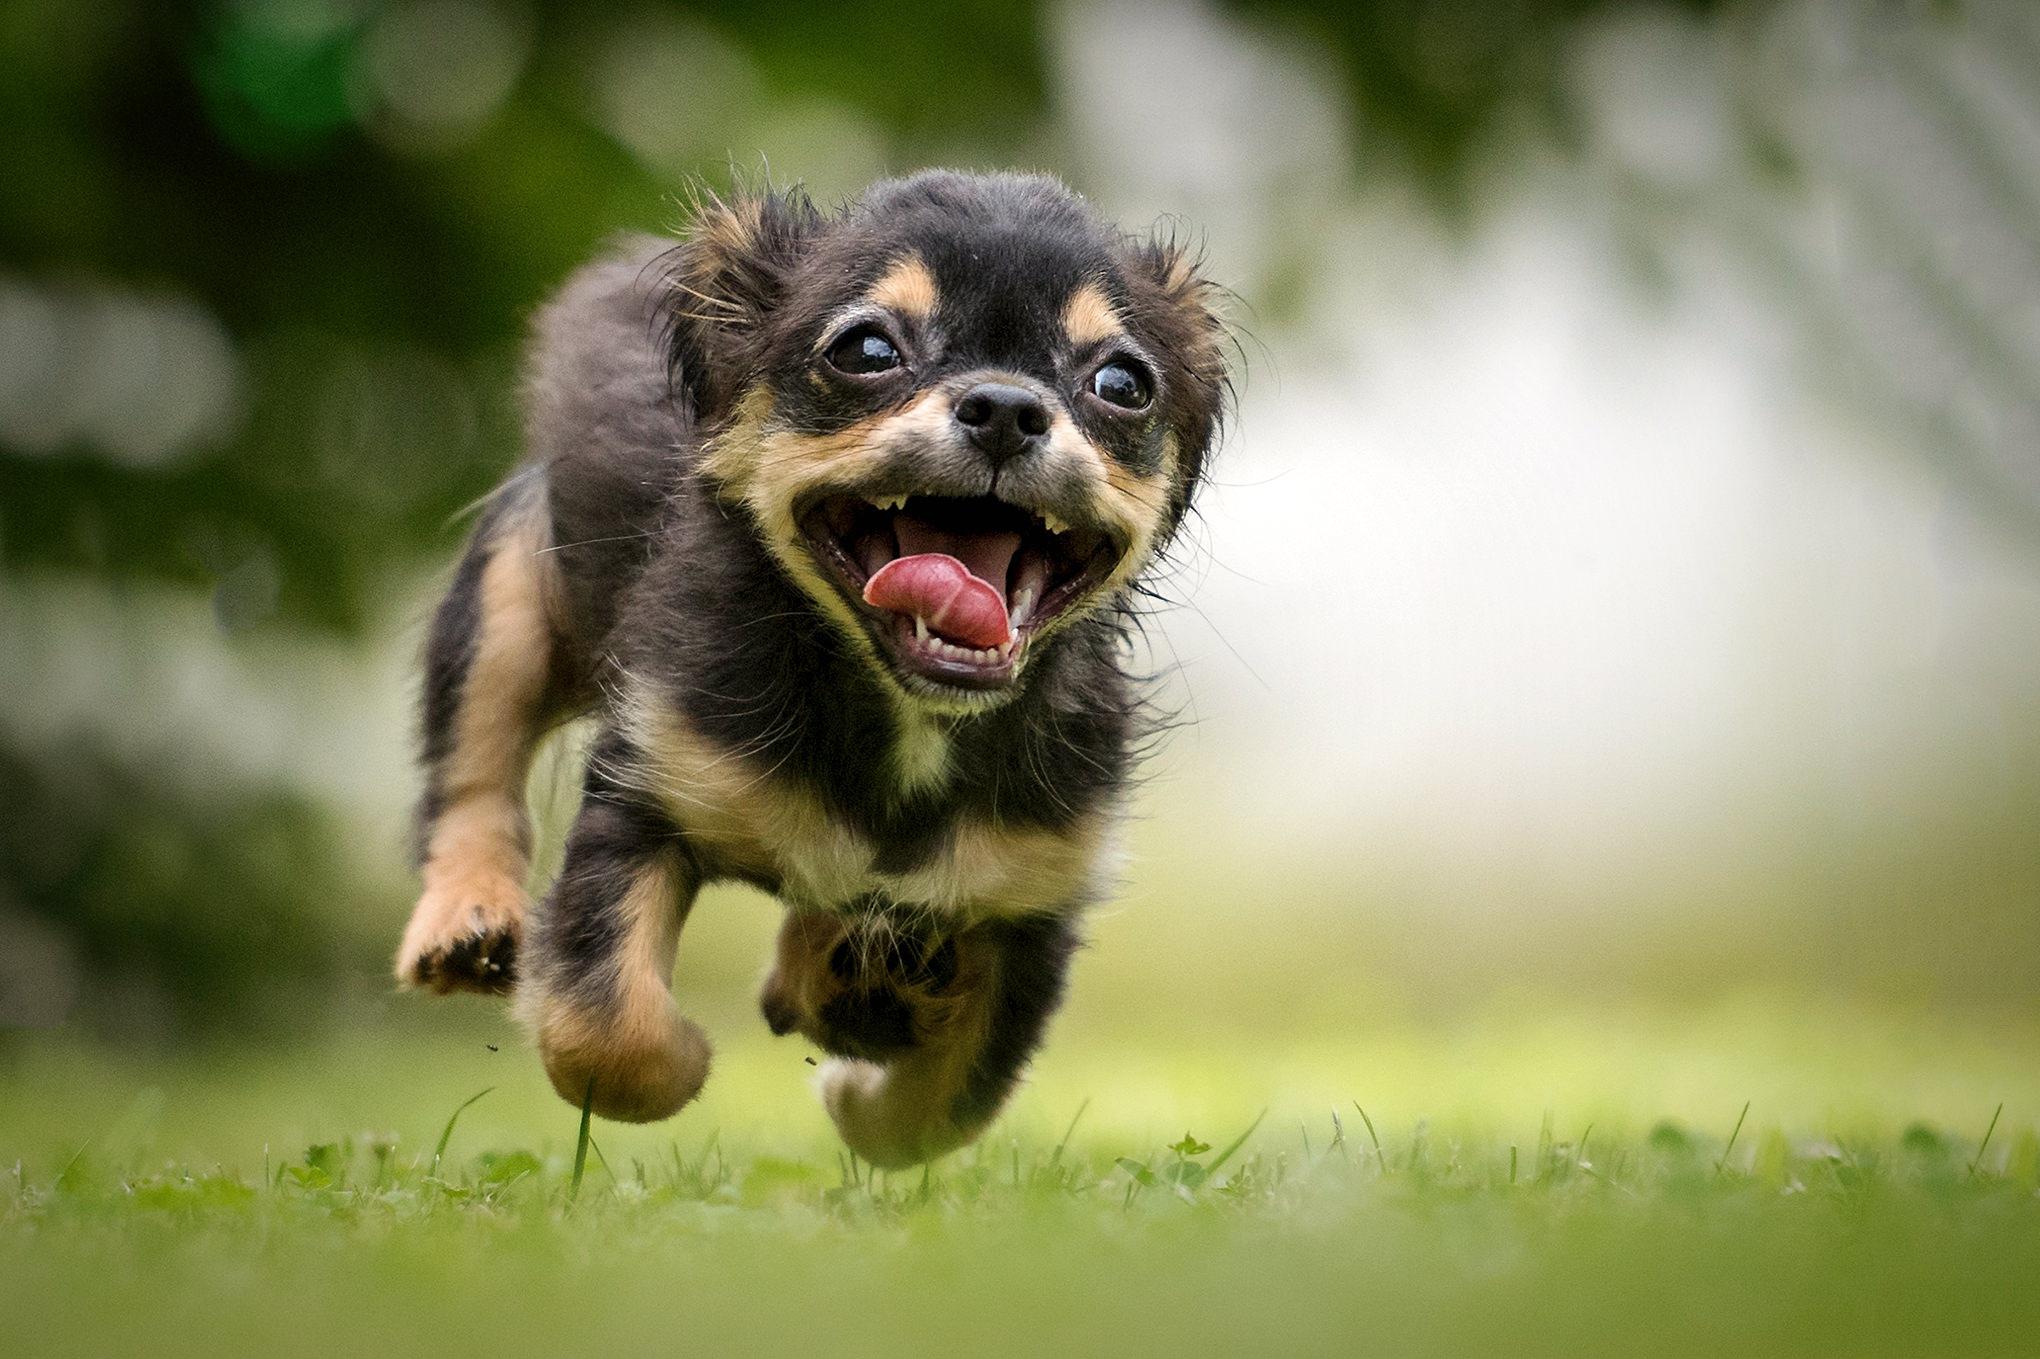 zdjęcie mojego psa